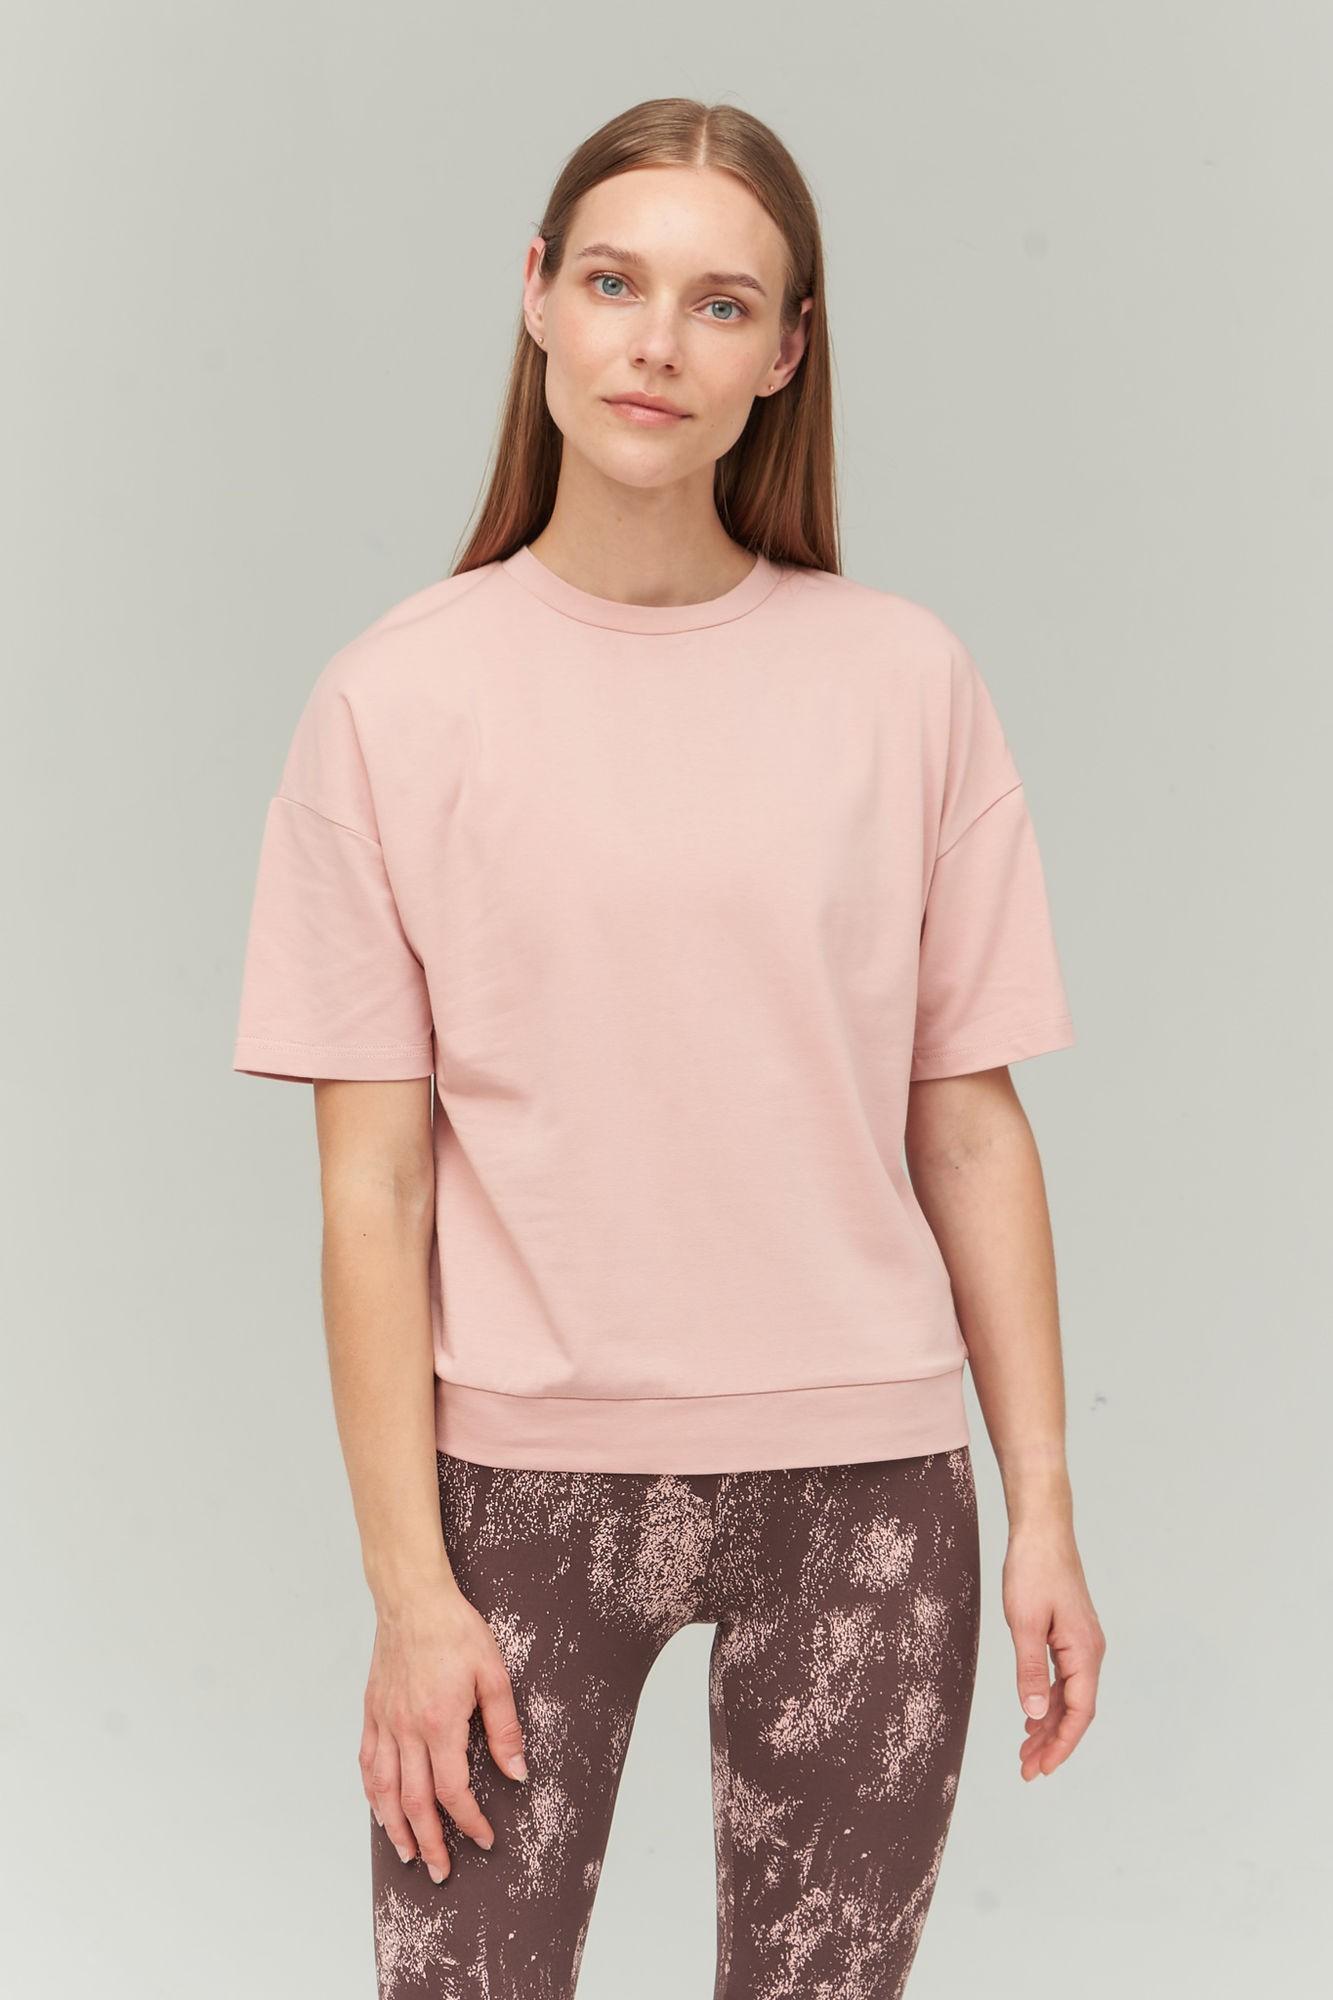 AUDIMAS Švelnūs modalo marškinėliai 2021-023 Misty Rose XS